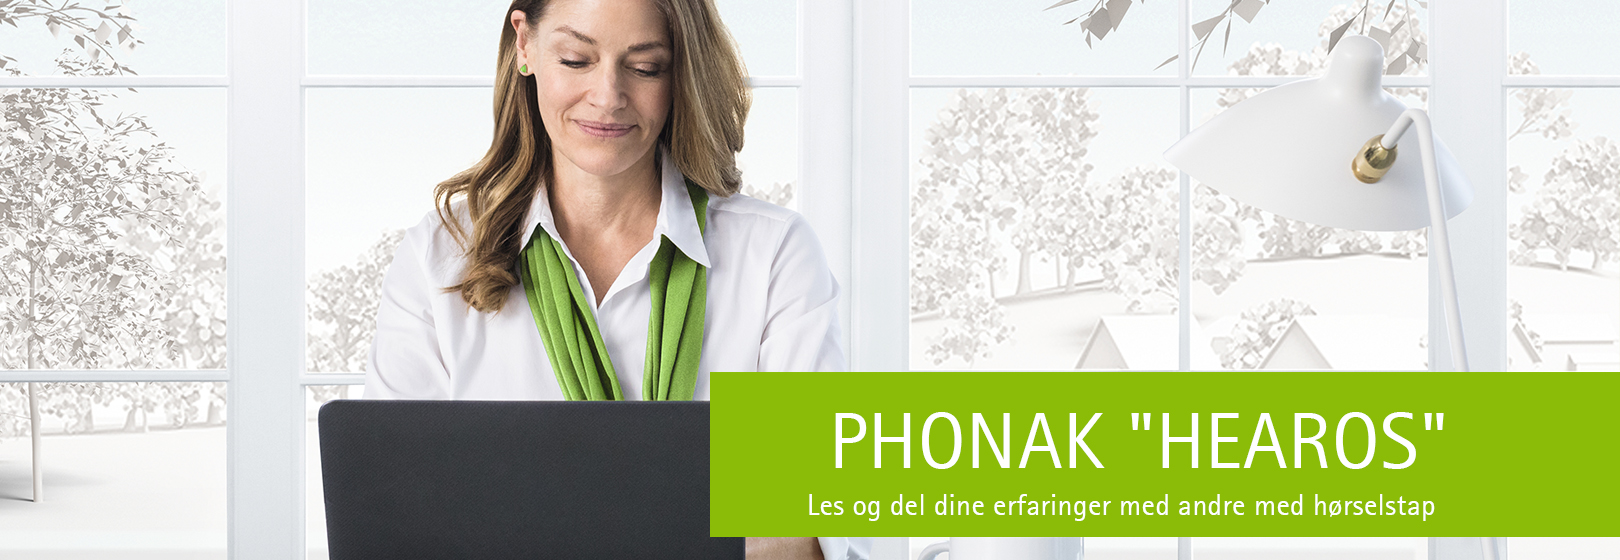 Bli en Phonak Hearo og del erfaringer rundt hørselstap